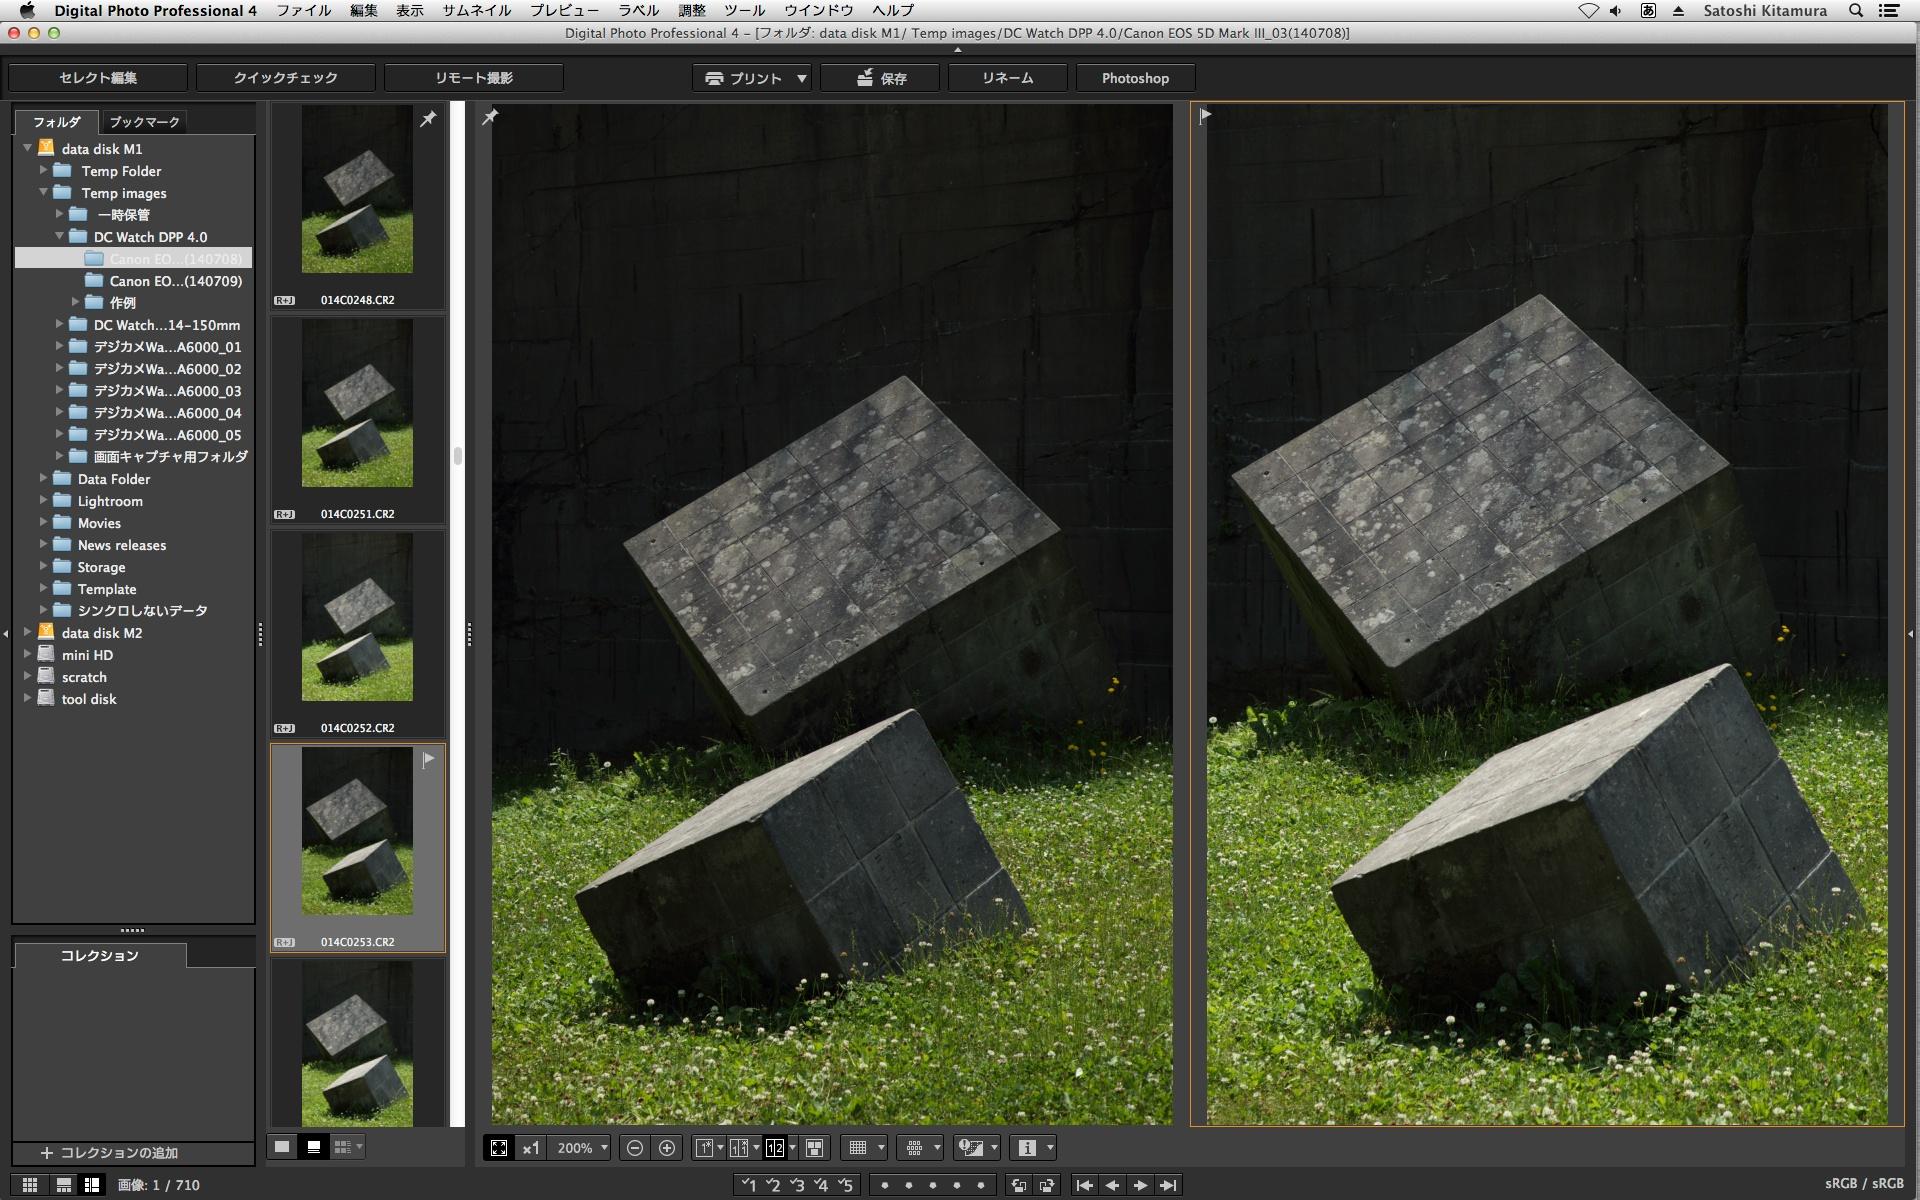 2枚の画像を見比べながらセレクト作業が行なえる「比較表示」の画面。